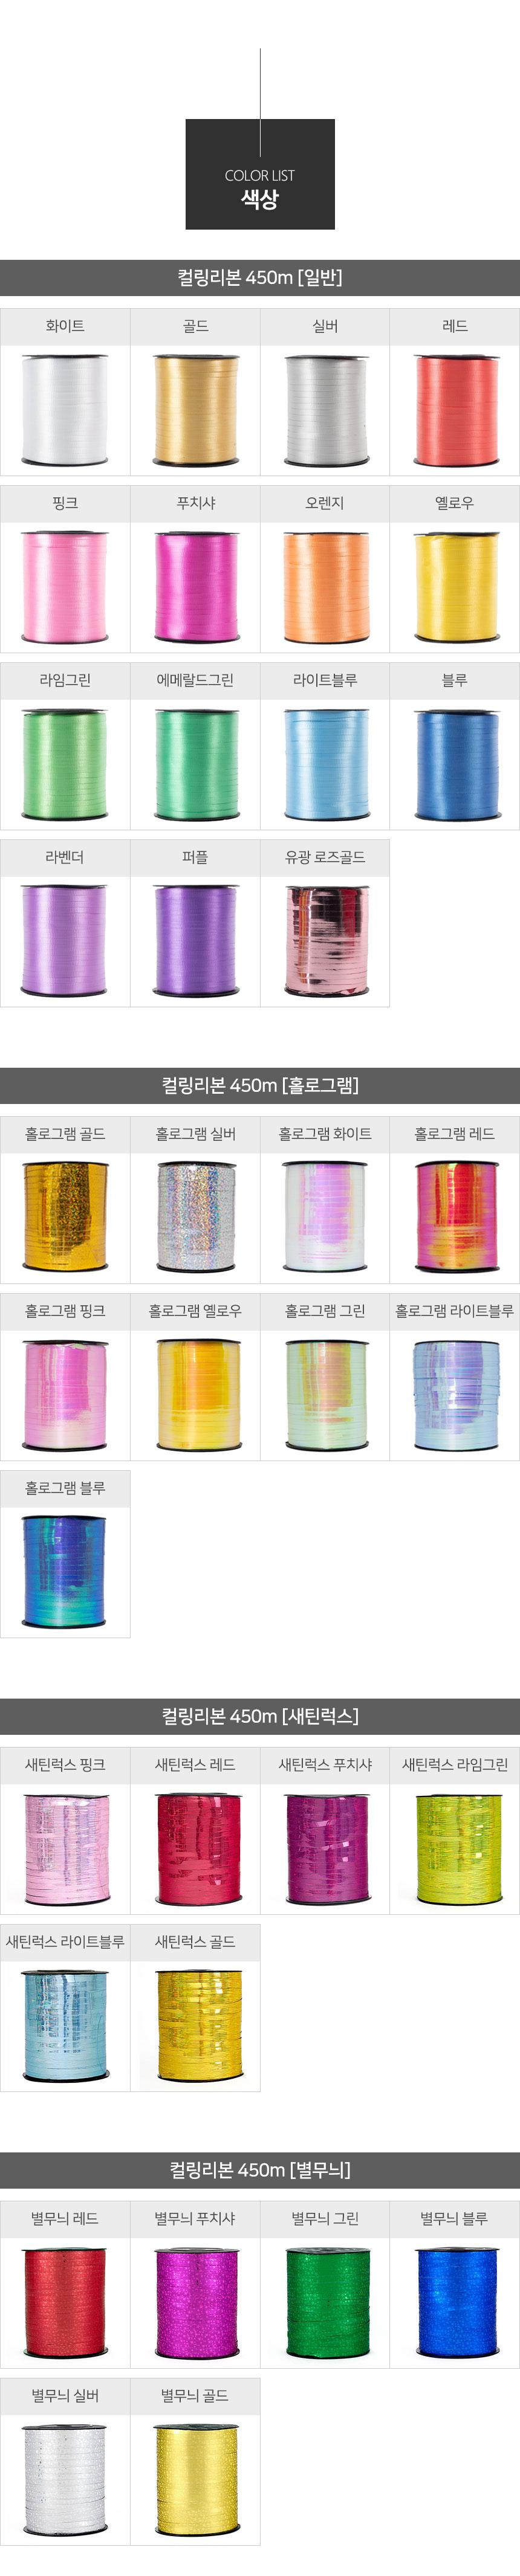 컬링리본 450m [홀로그램 화이트] _partypang - 파티팡, 6,000원, 파티용품, 풍선/세트